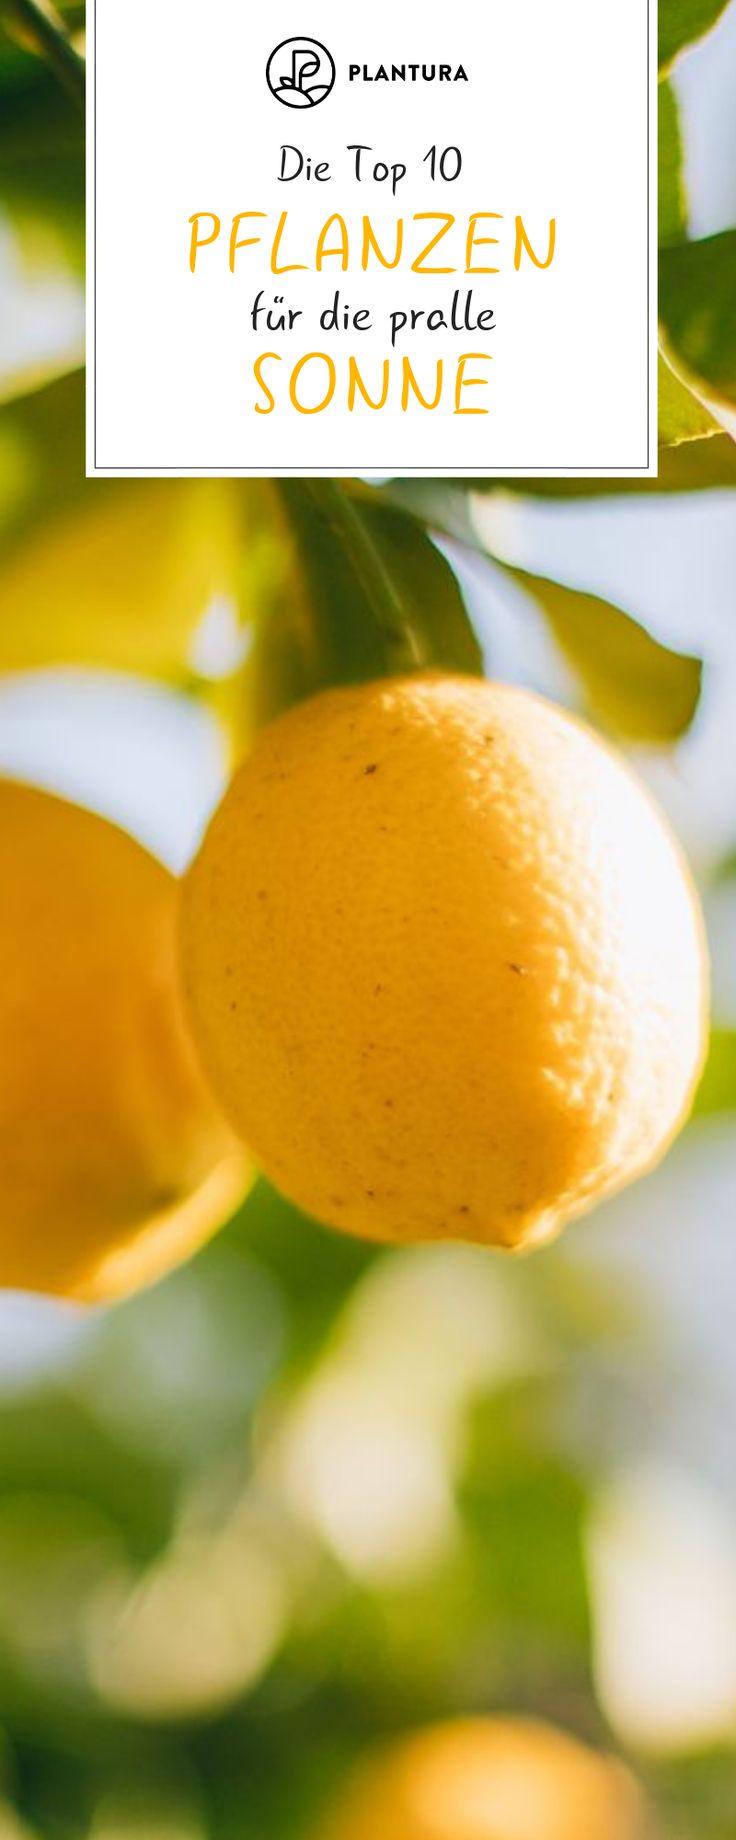 Pflanzen für die pralle Sonne: Die Top 10 für Garten & Balkon